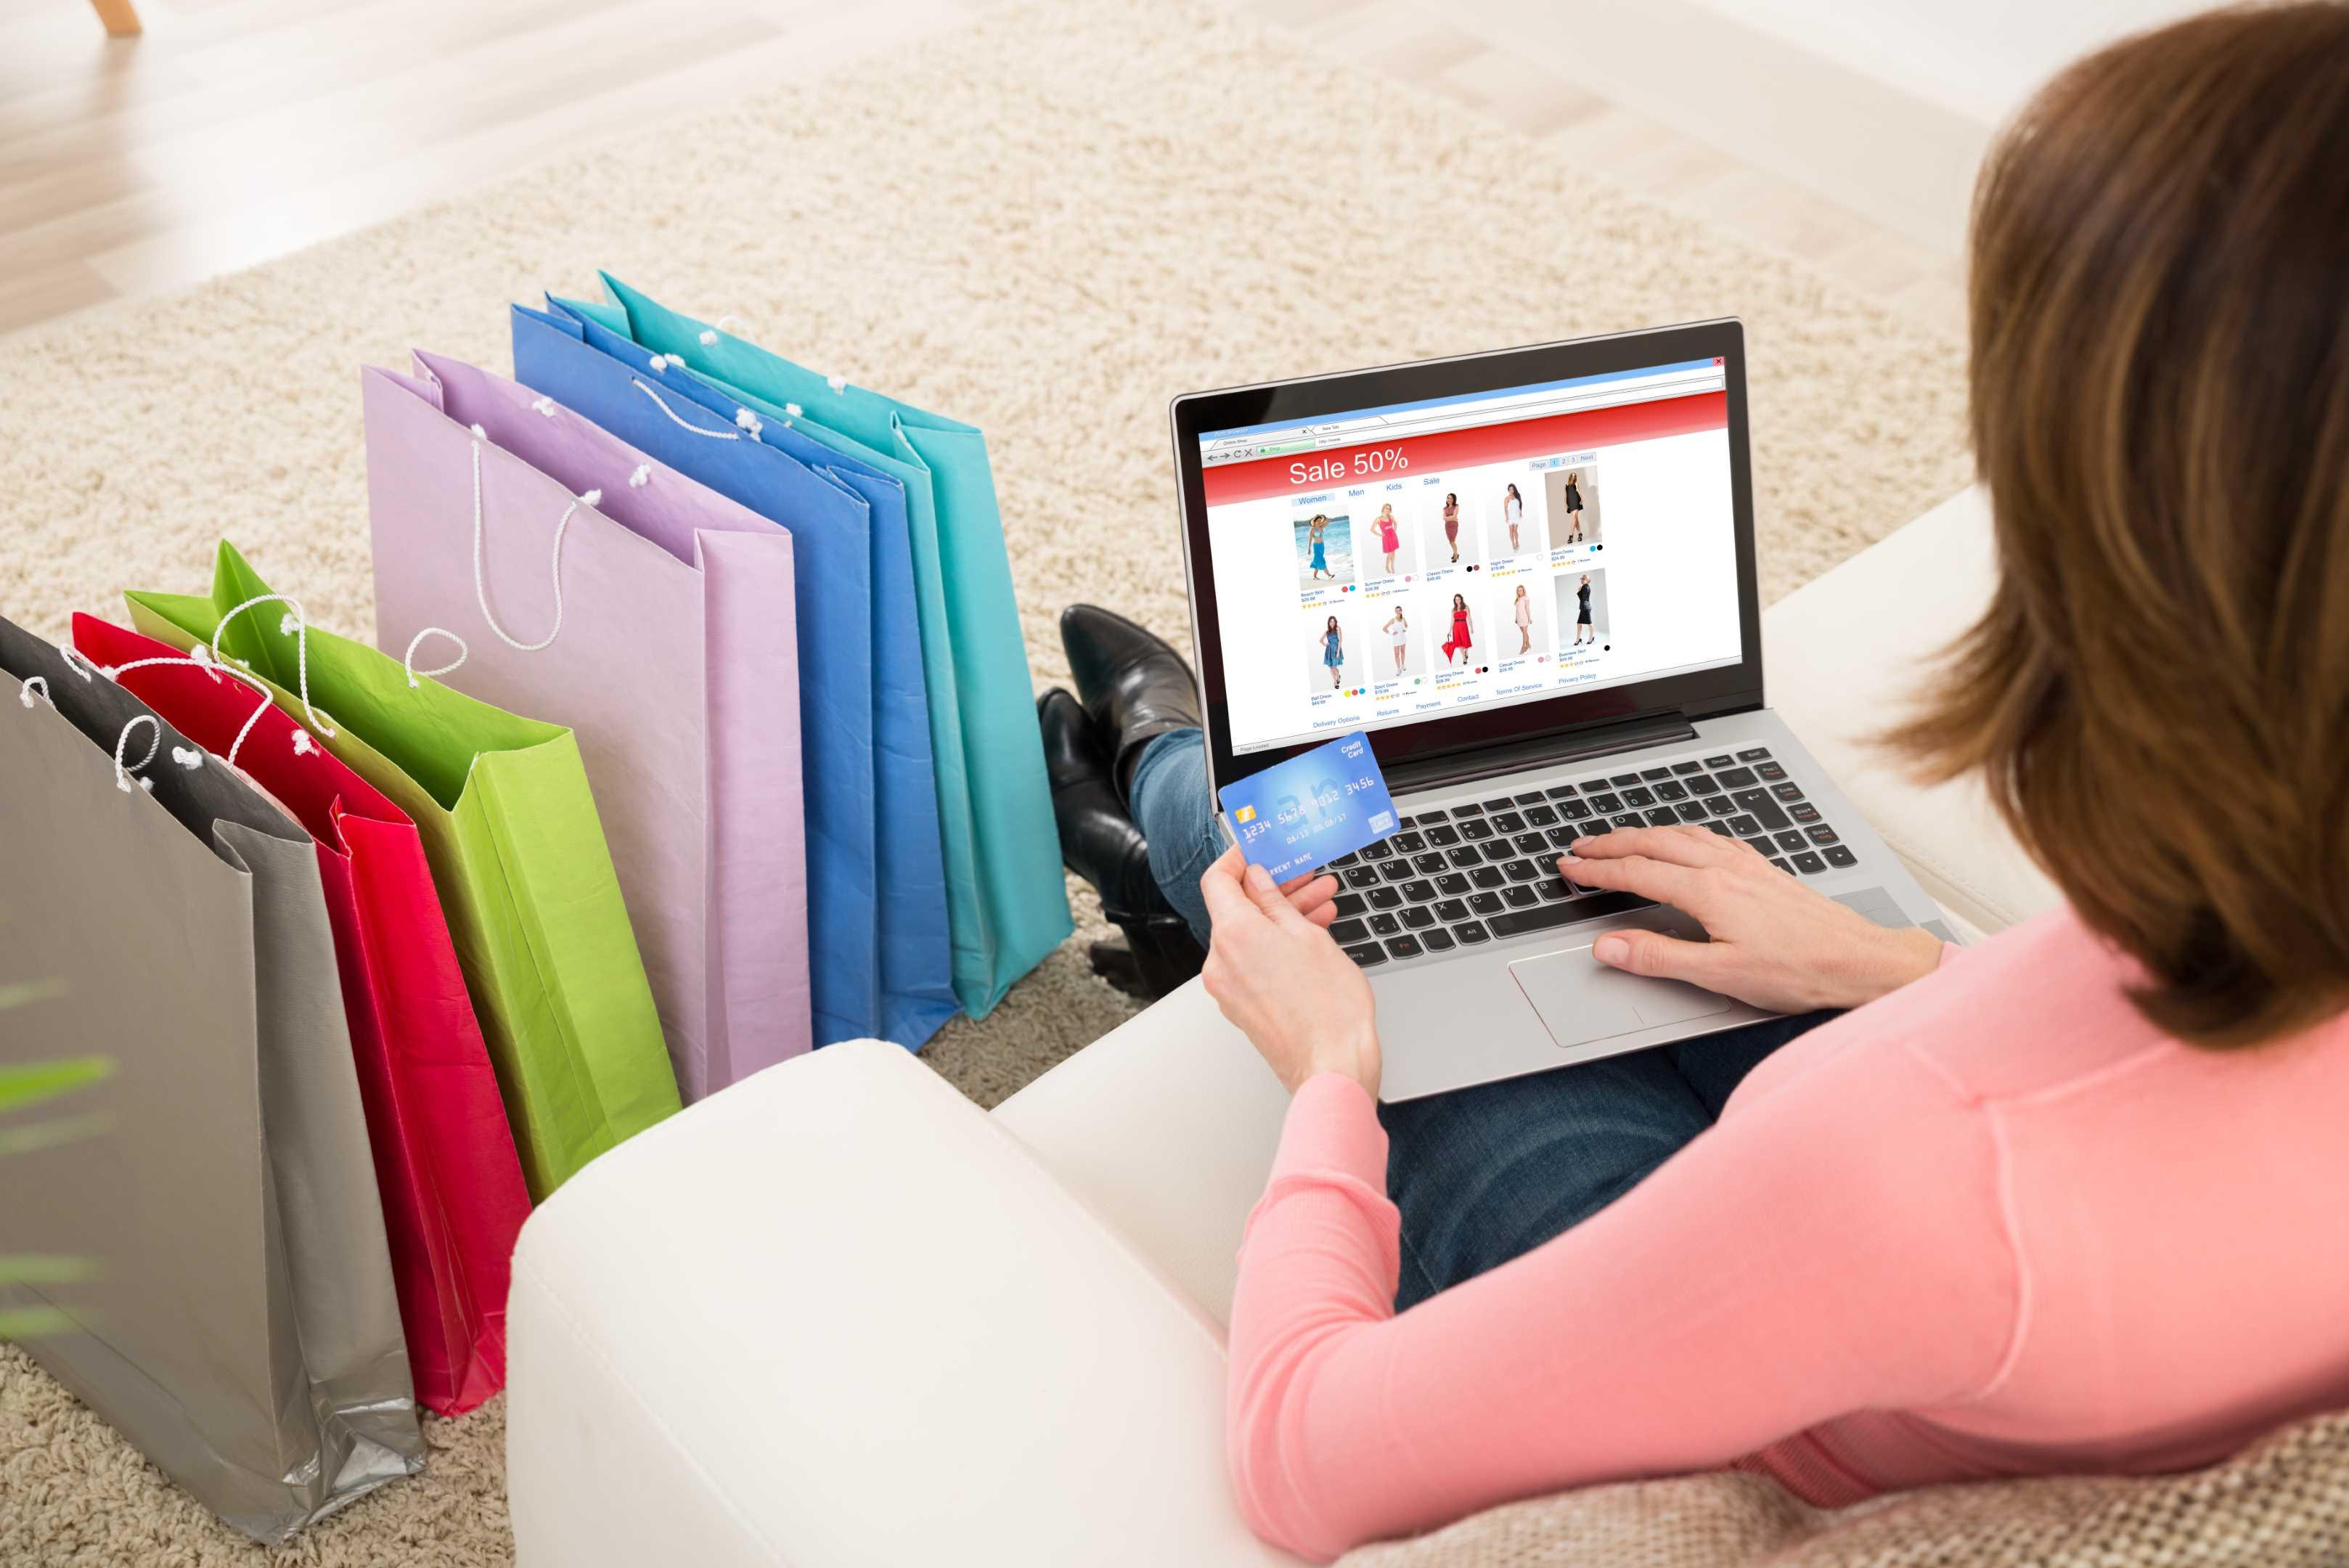 онлайн магазин нижнего белья